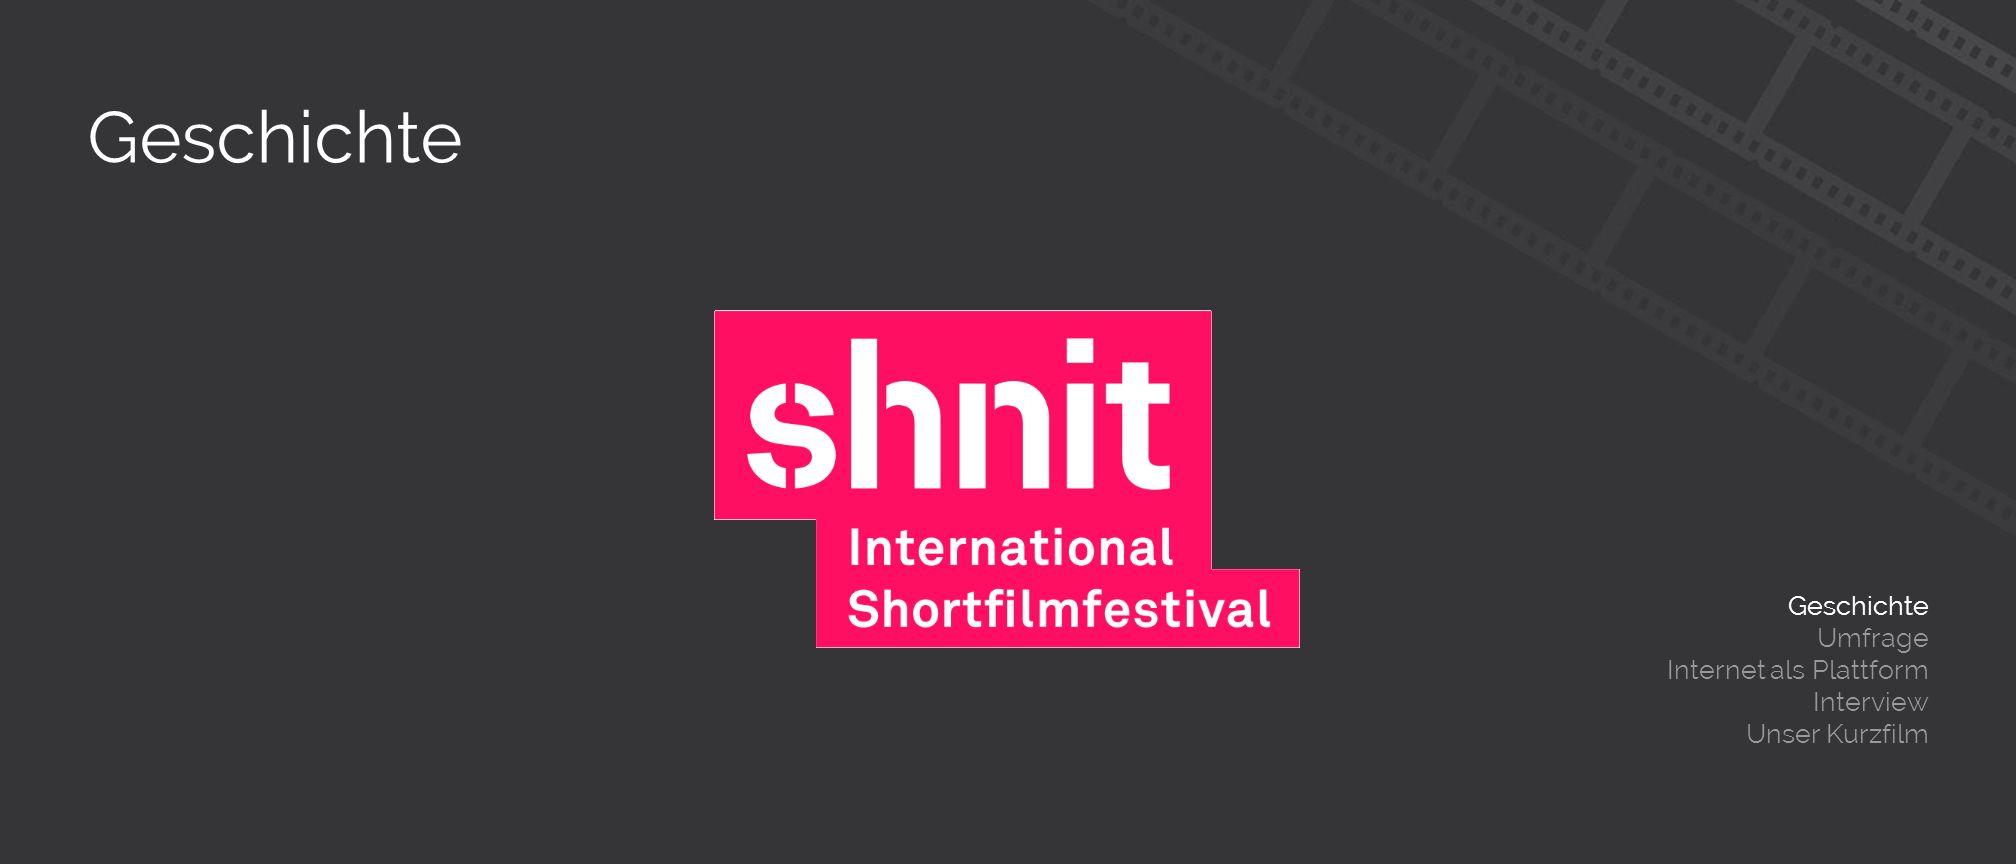 Geschichte Umfrage Internet als Plattform Interview Unser Kurzfilm